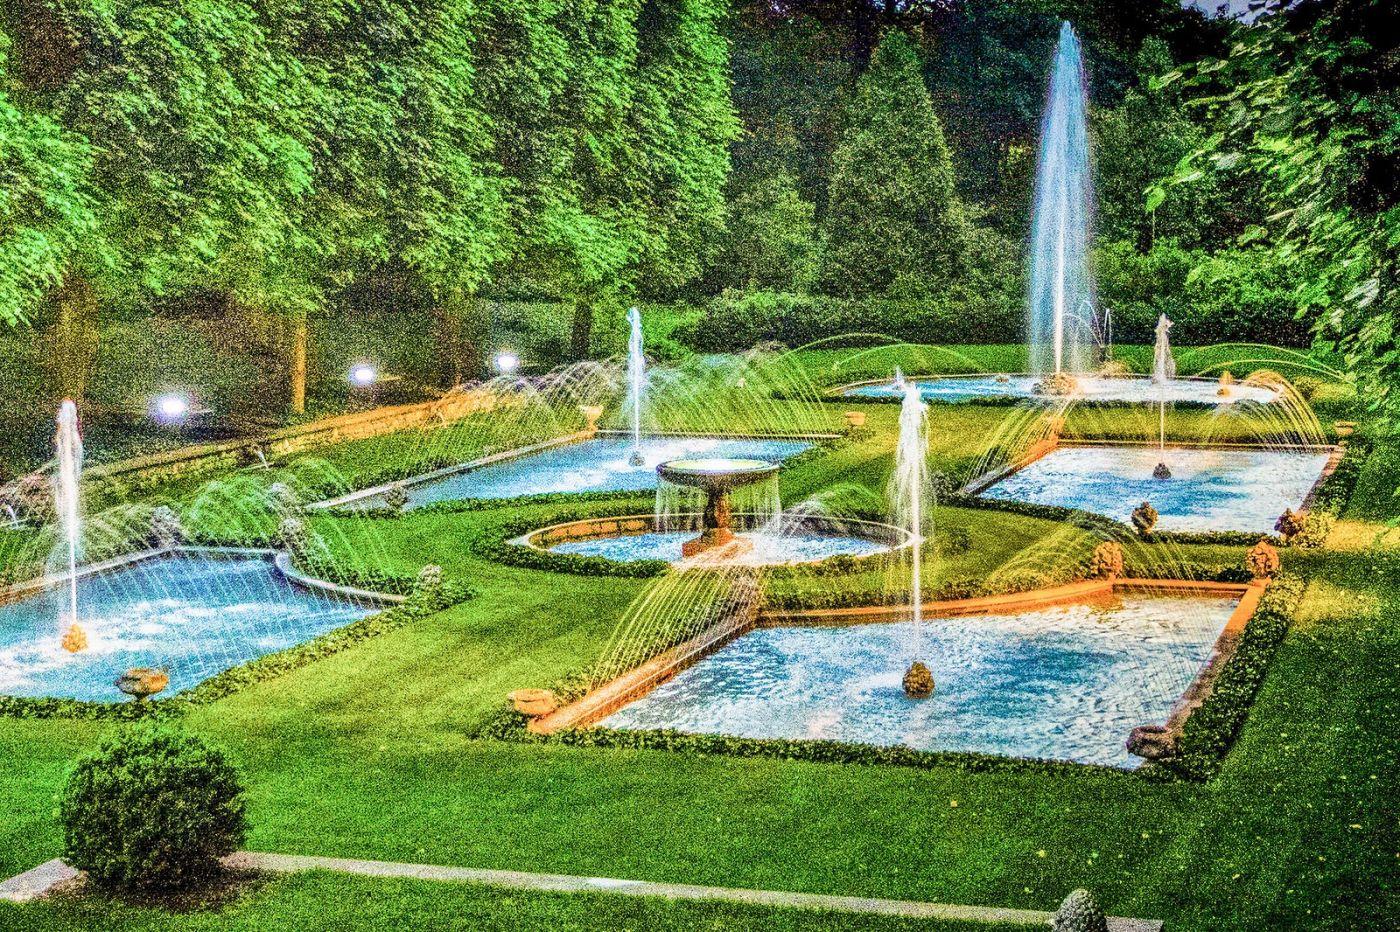 宾州长木公园,熟悉的景色_图1-36